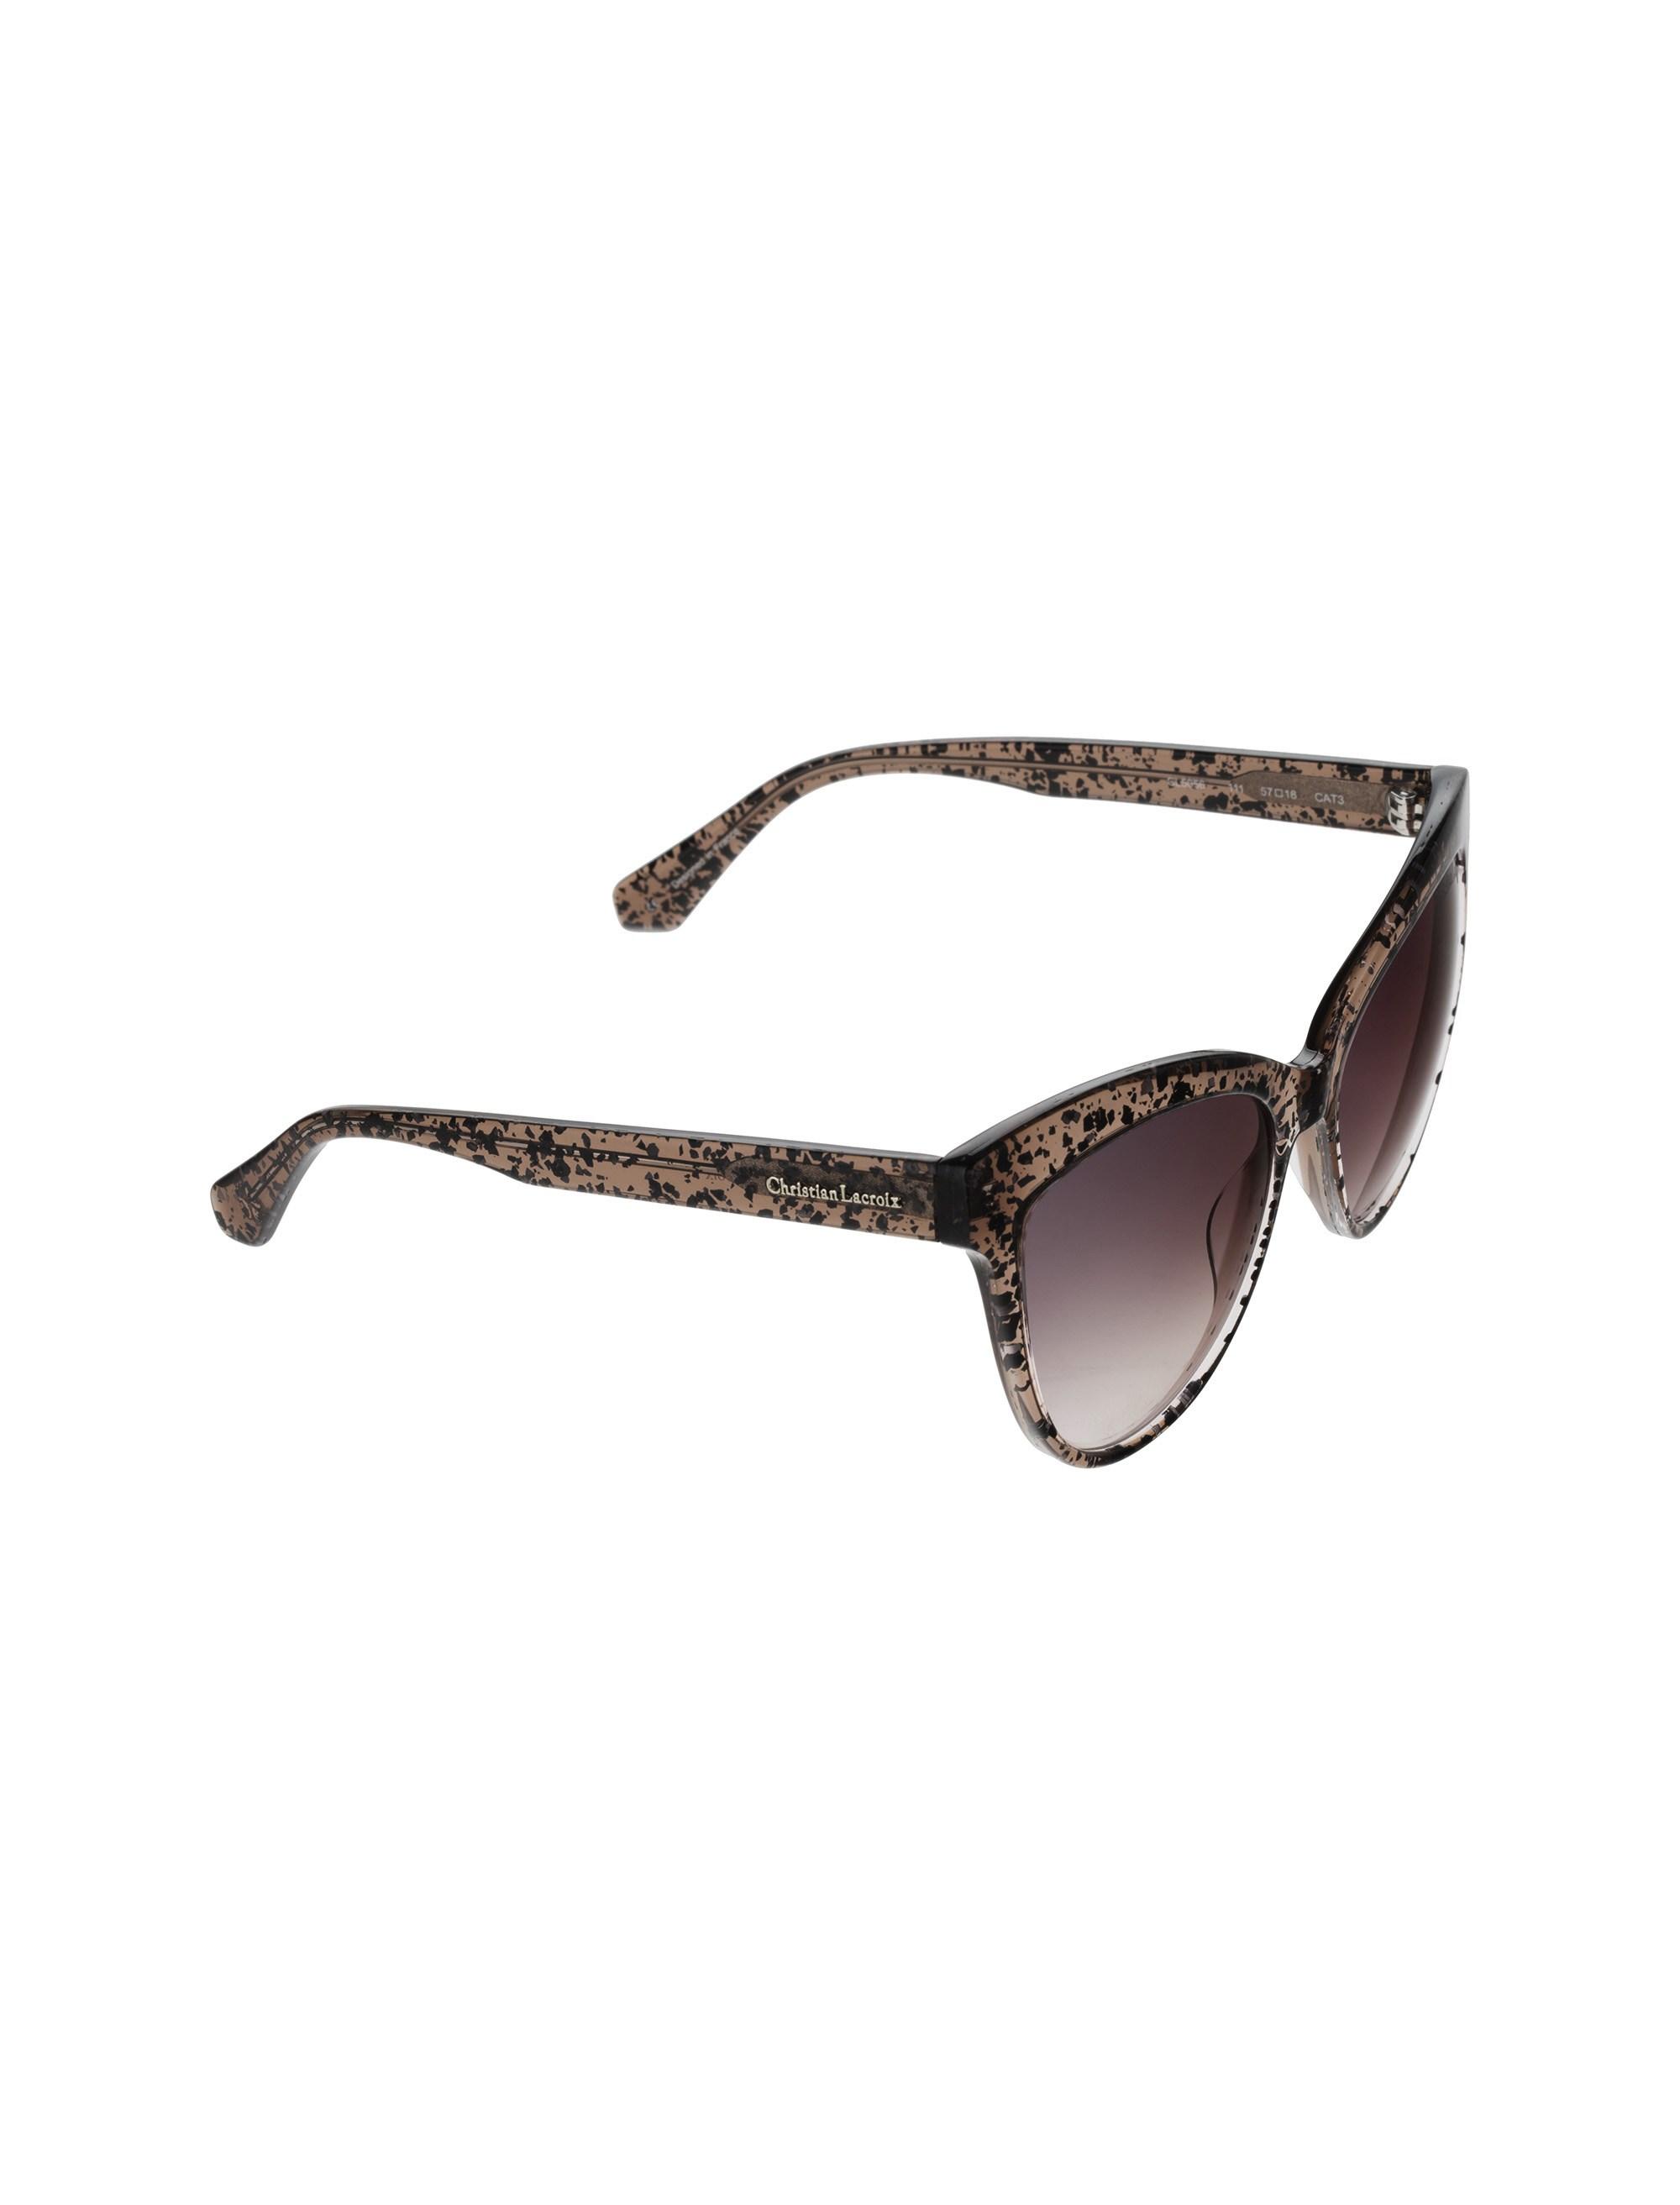 عینک آفتابی گربه ای زنانه - کریستین لاکروآ - کاراملي شفاف - 2